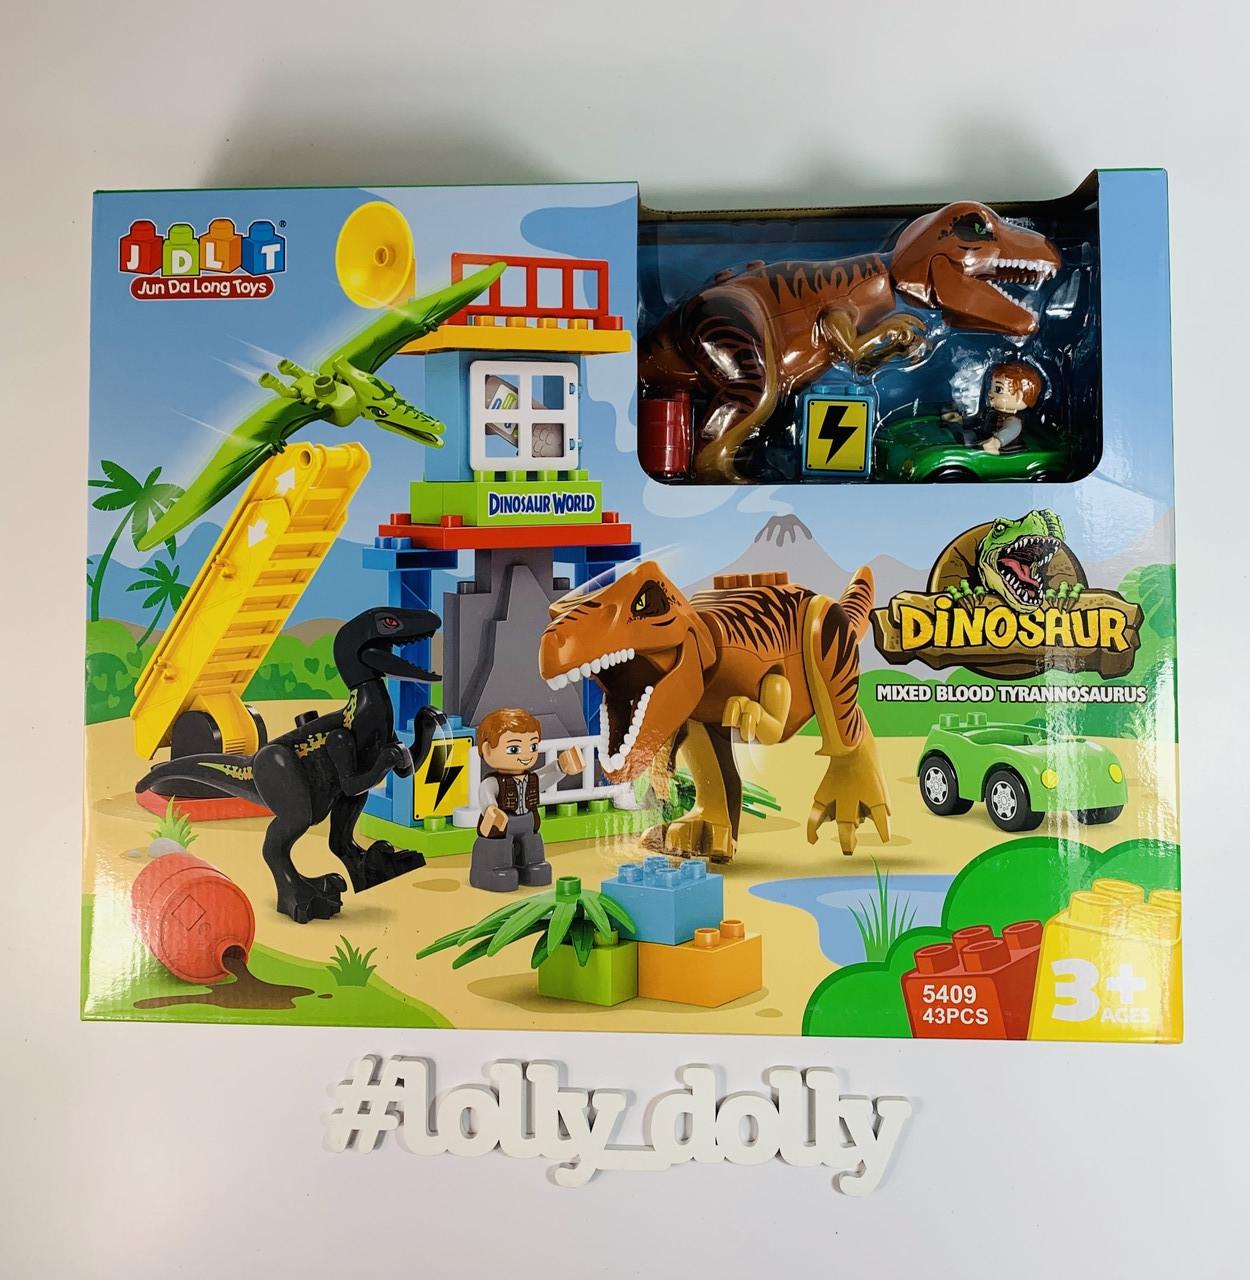 Детский конструктор JDLT 5409 Динозавры